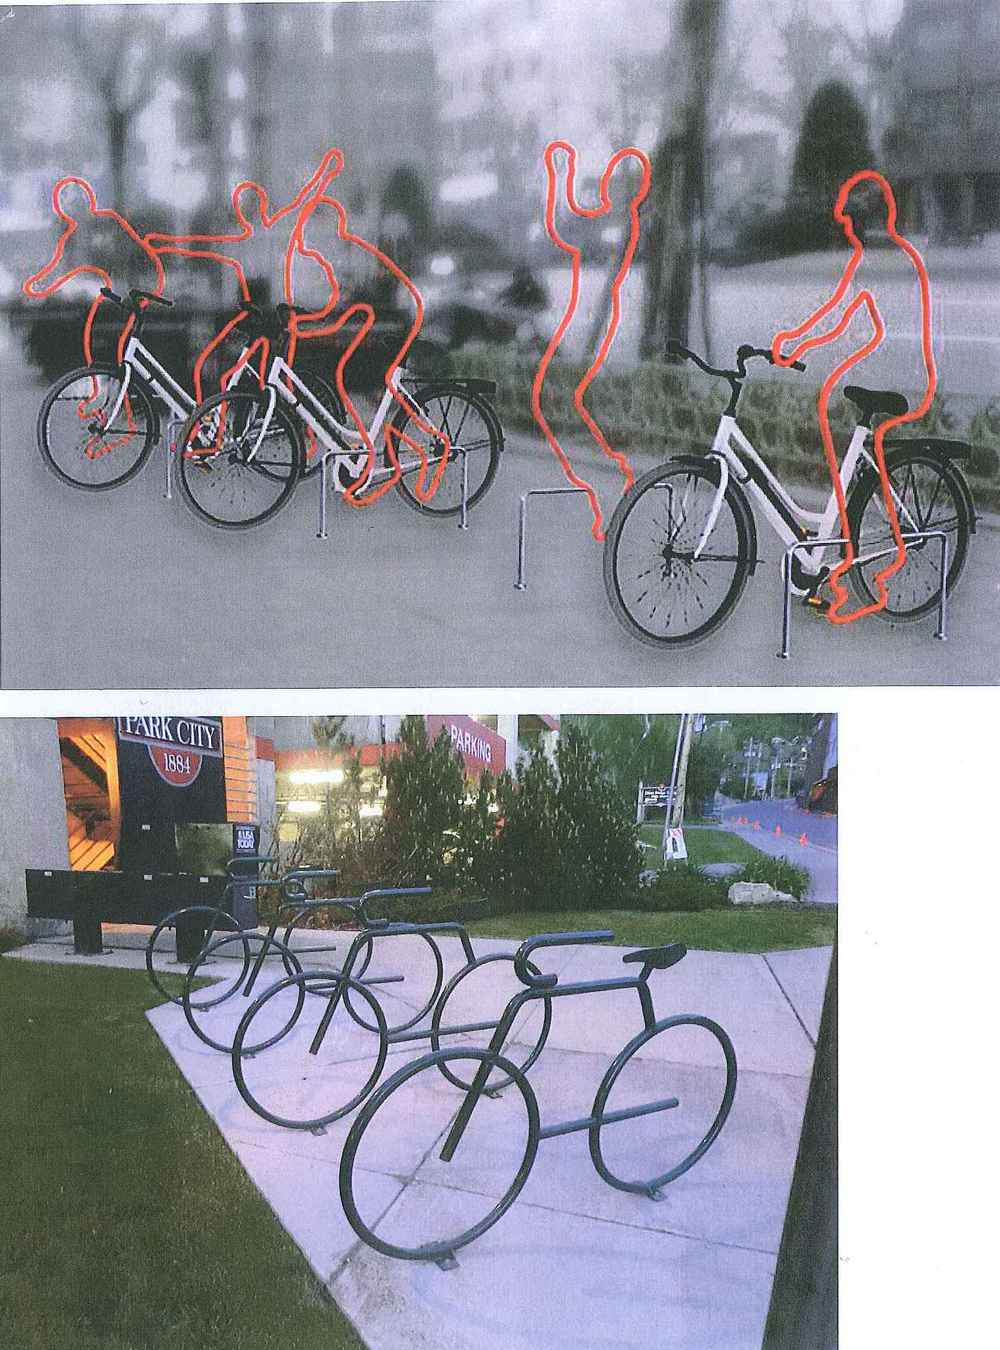 PA Bike Racks.jpg